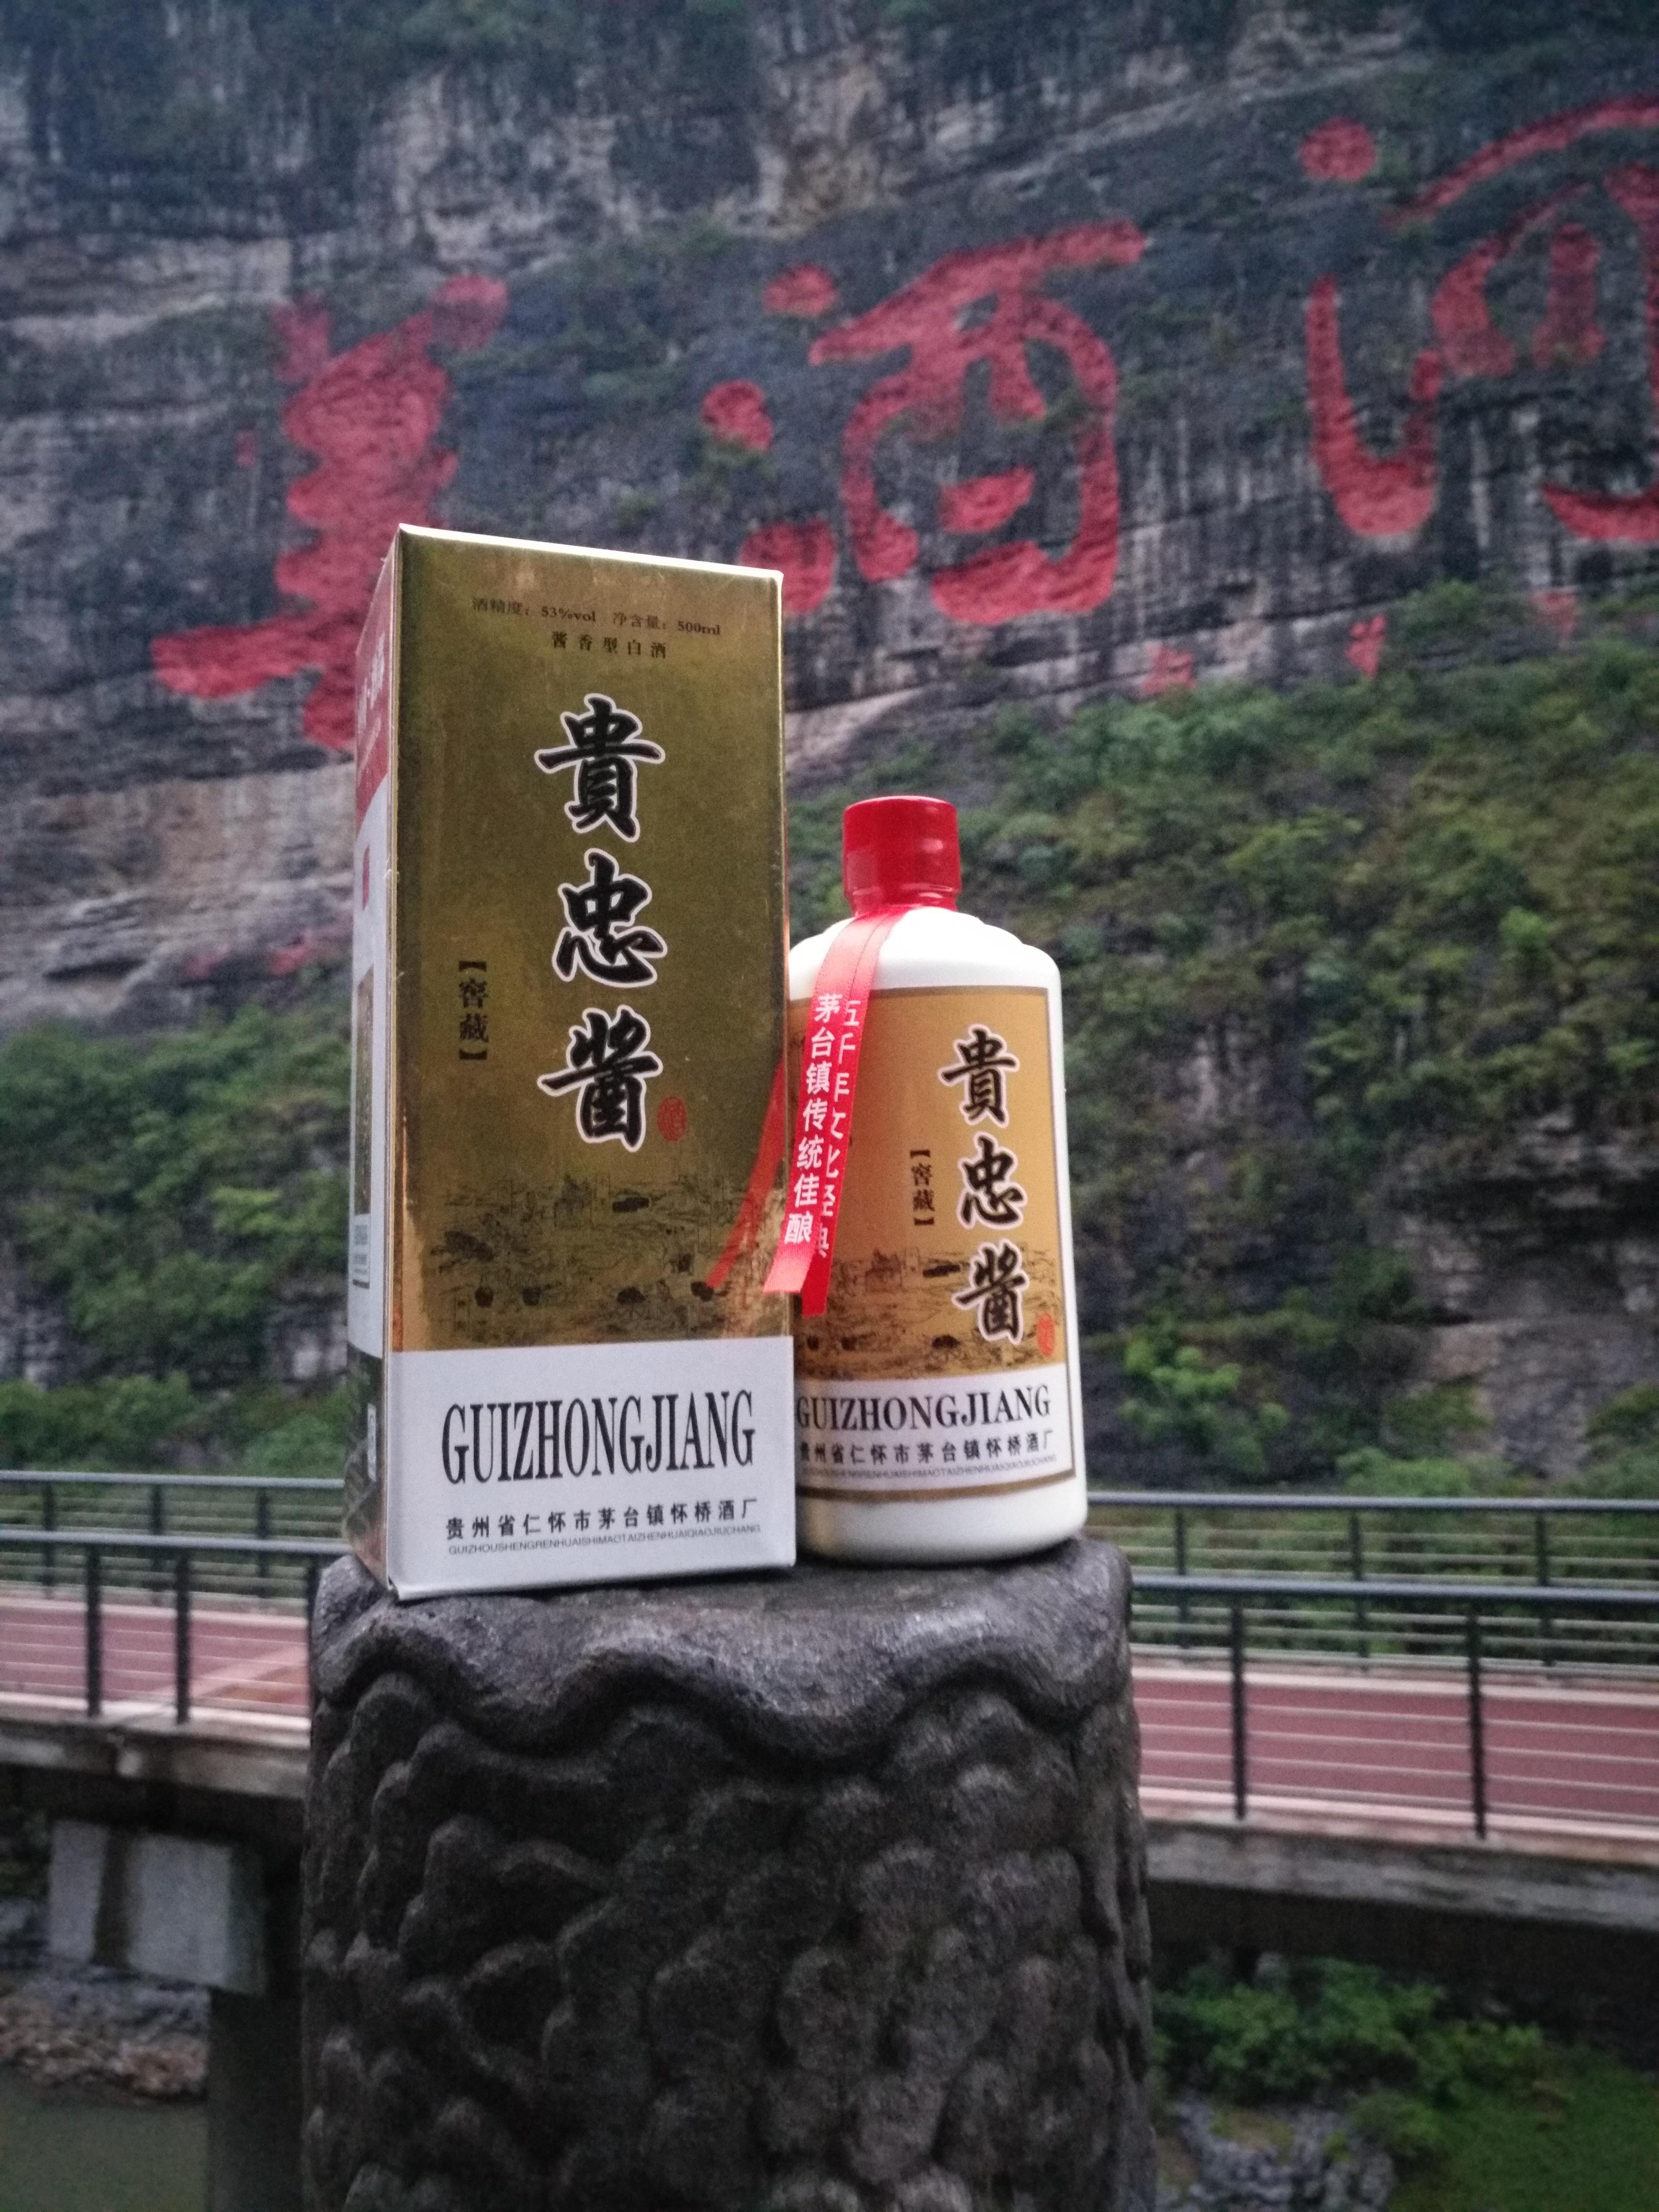 贵州白酒定制厂家贵州白酒定制批发商 贵州白酒定制报价遵义白酒定做